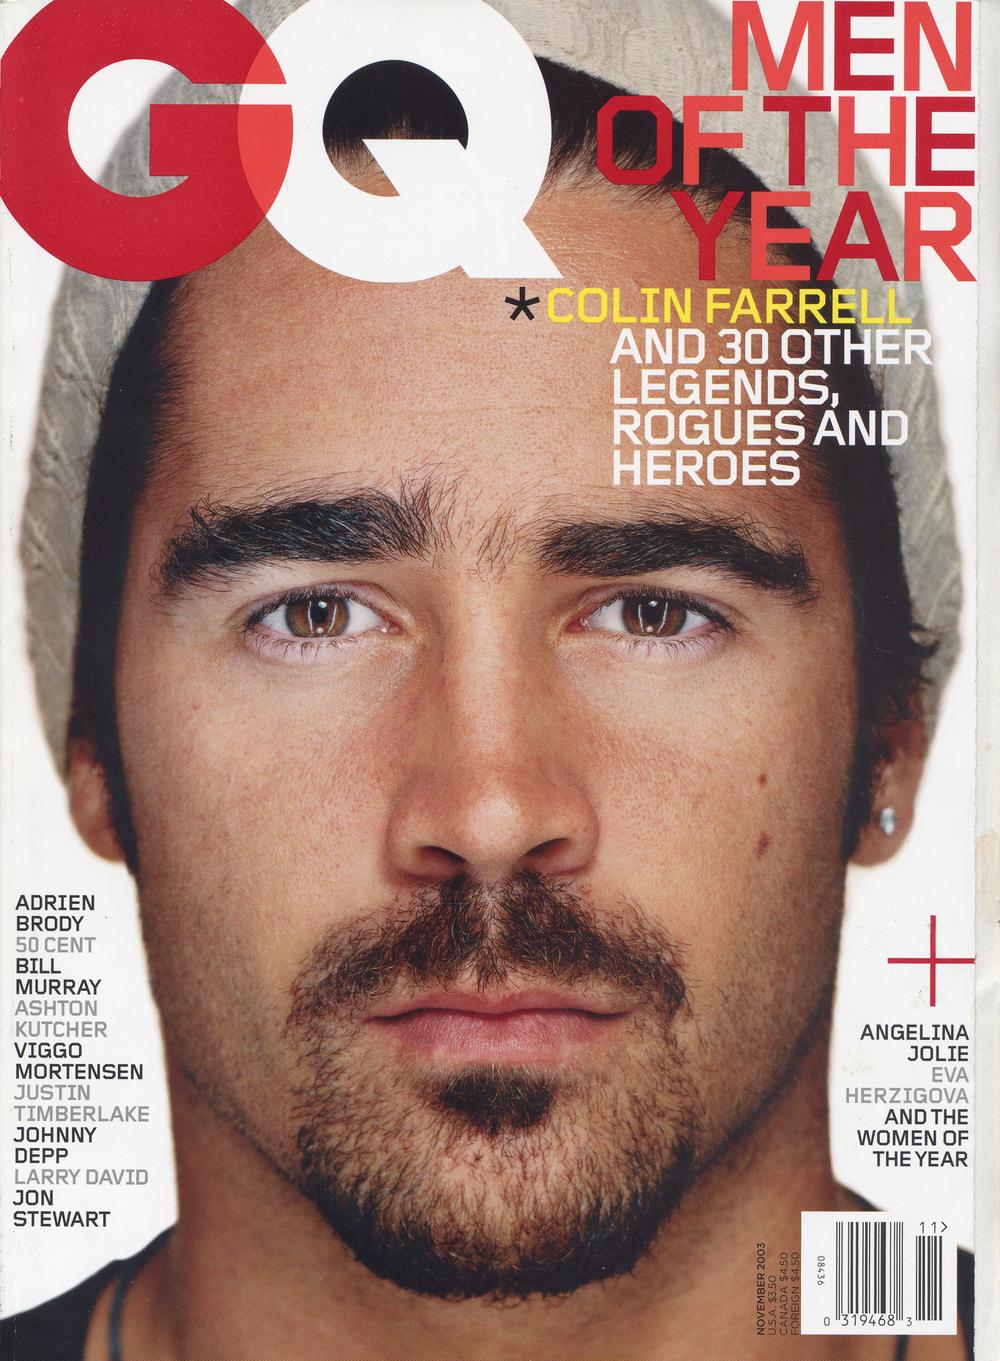 GQ Magazine November 2003